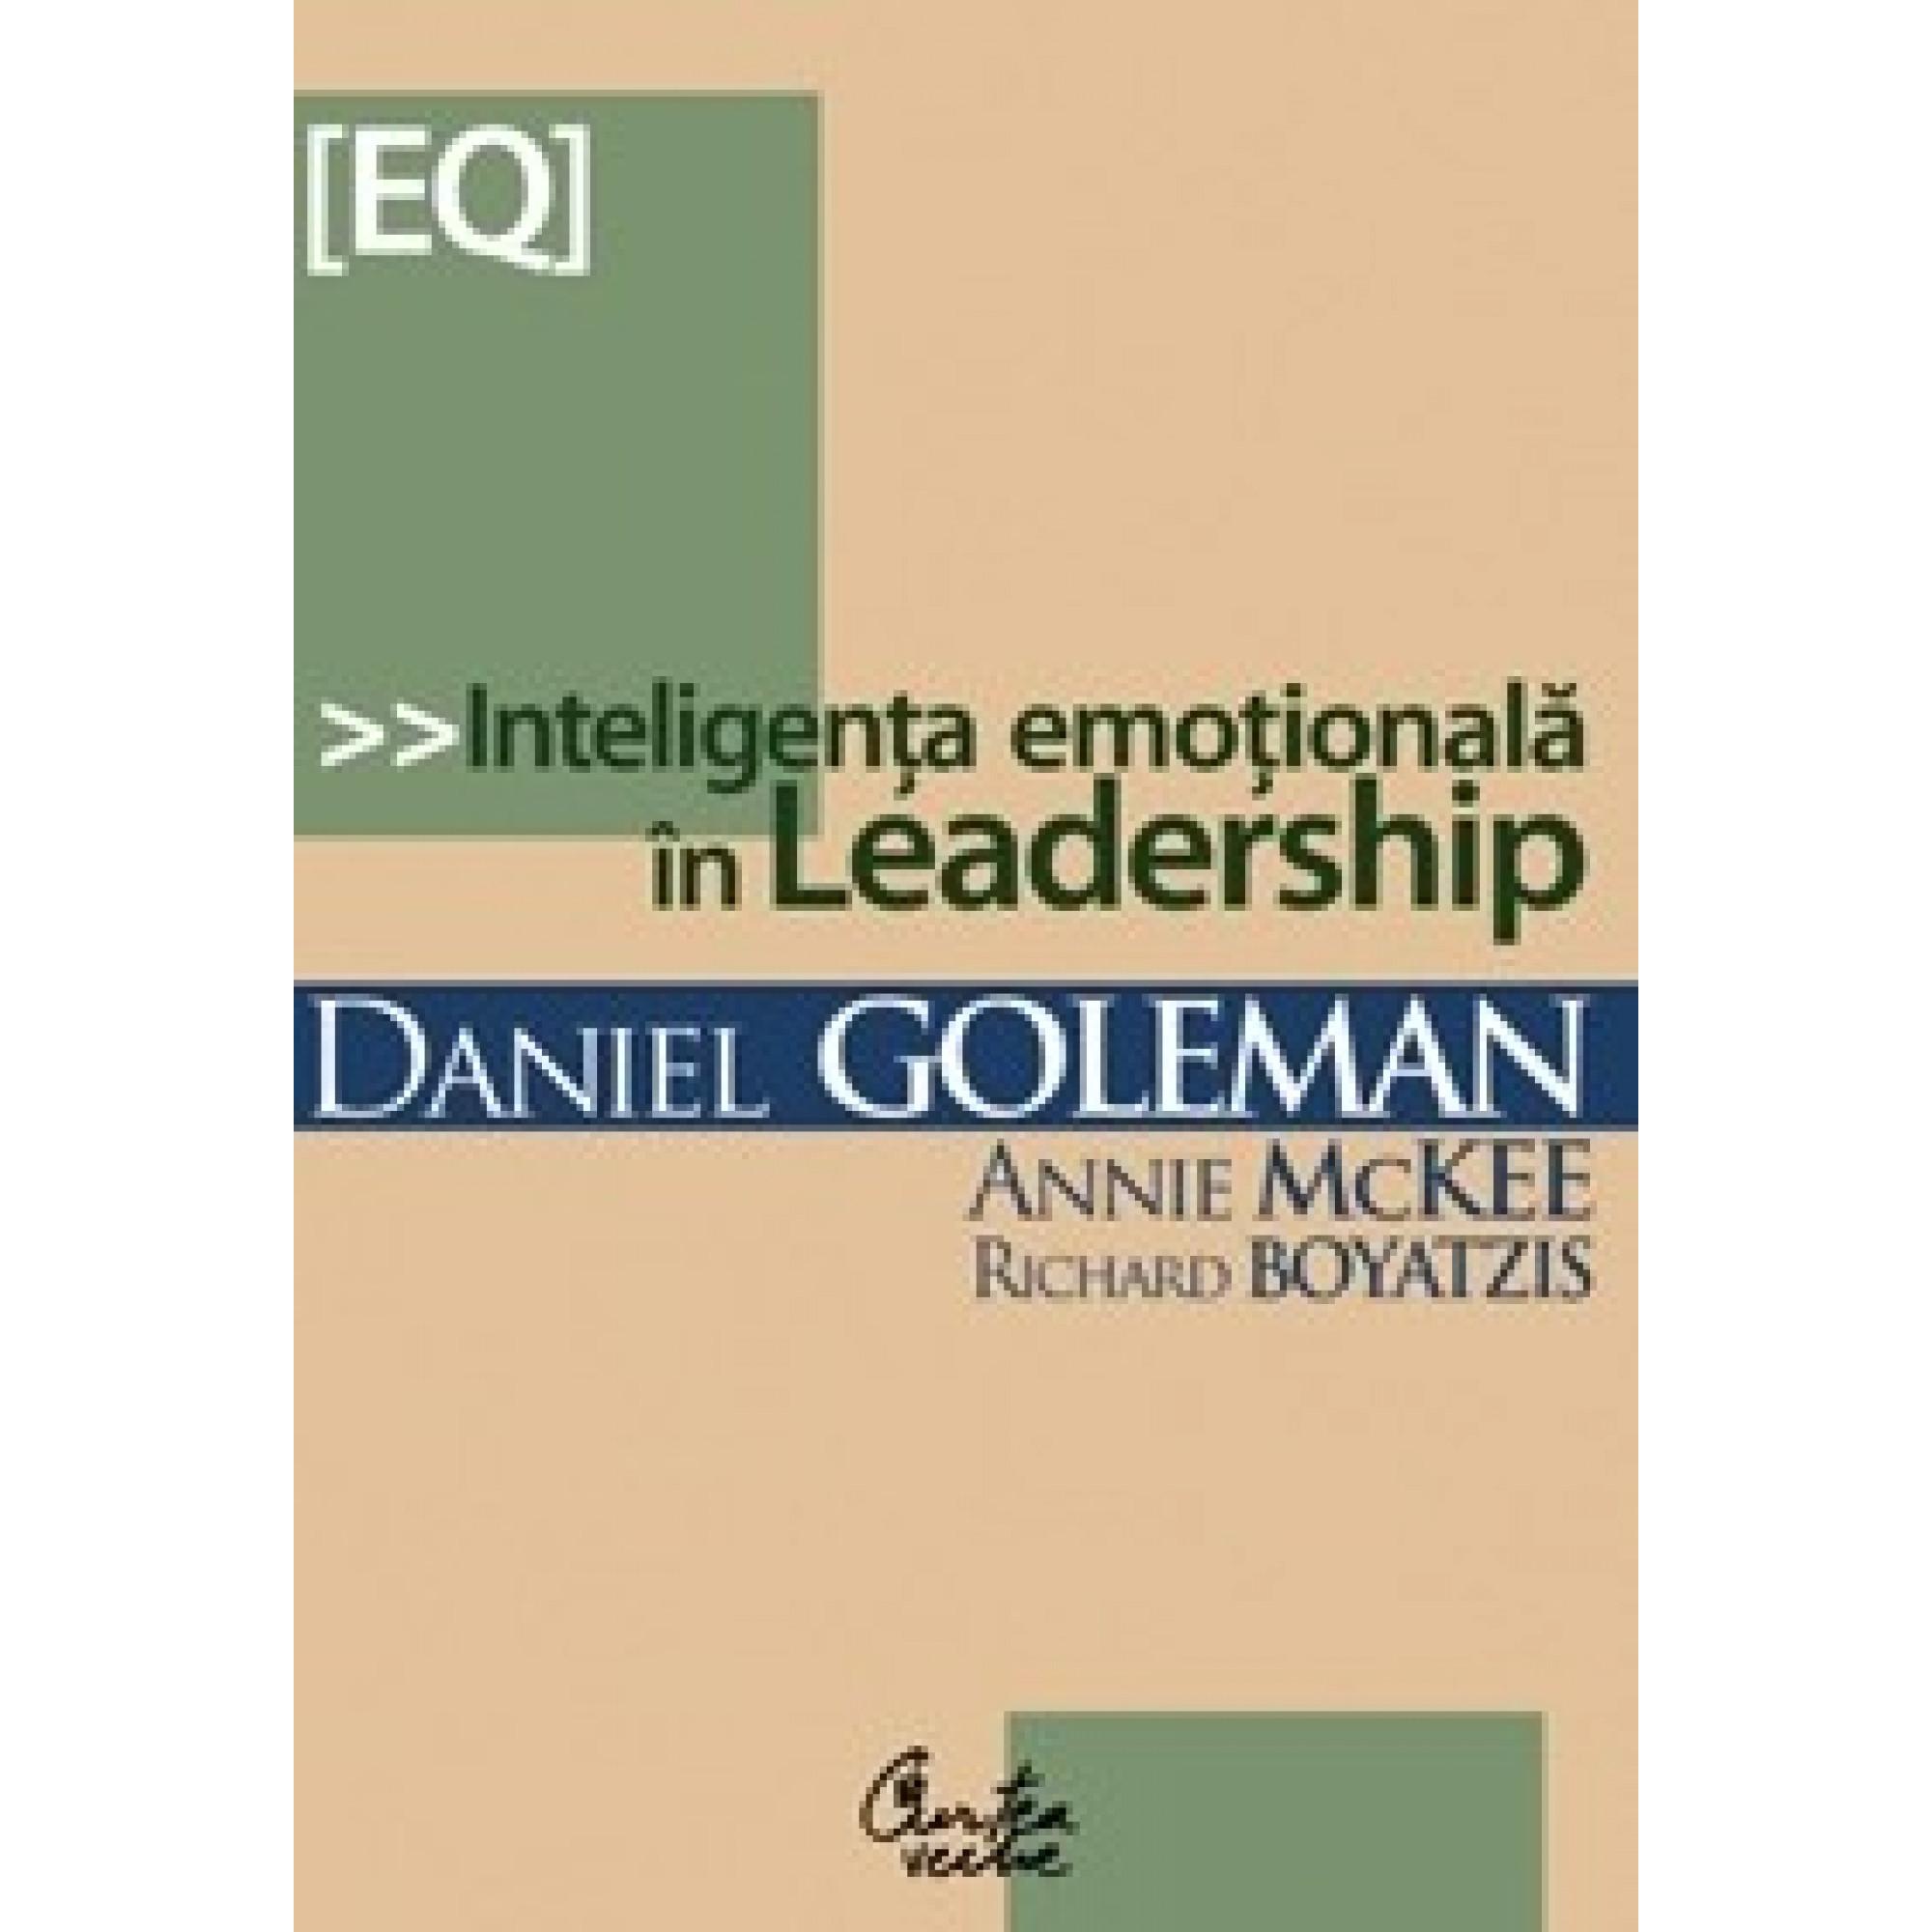 Inteligenţa emoţională în Leadership; Daniel Goleman, Richard Boyatzis, Annie McKee